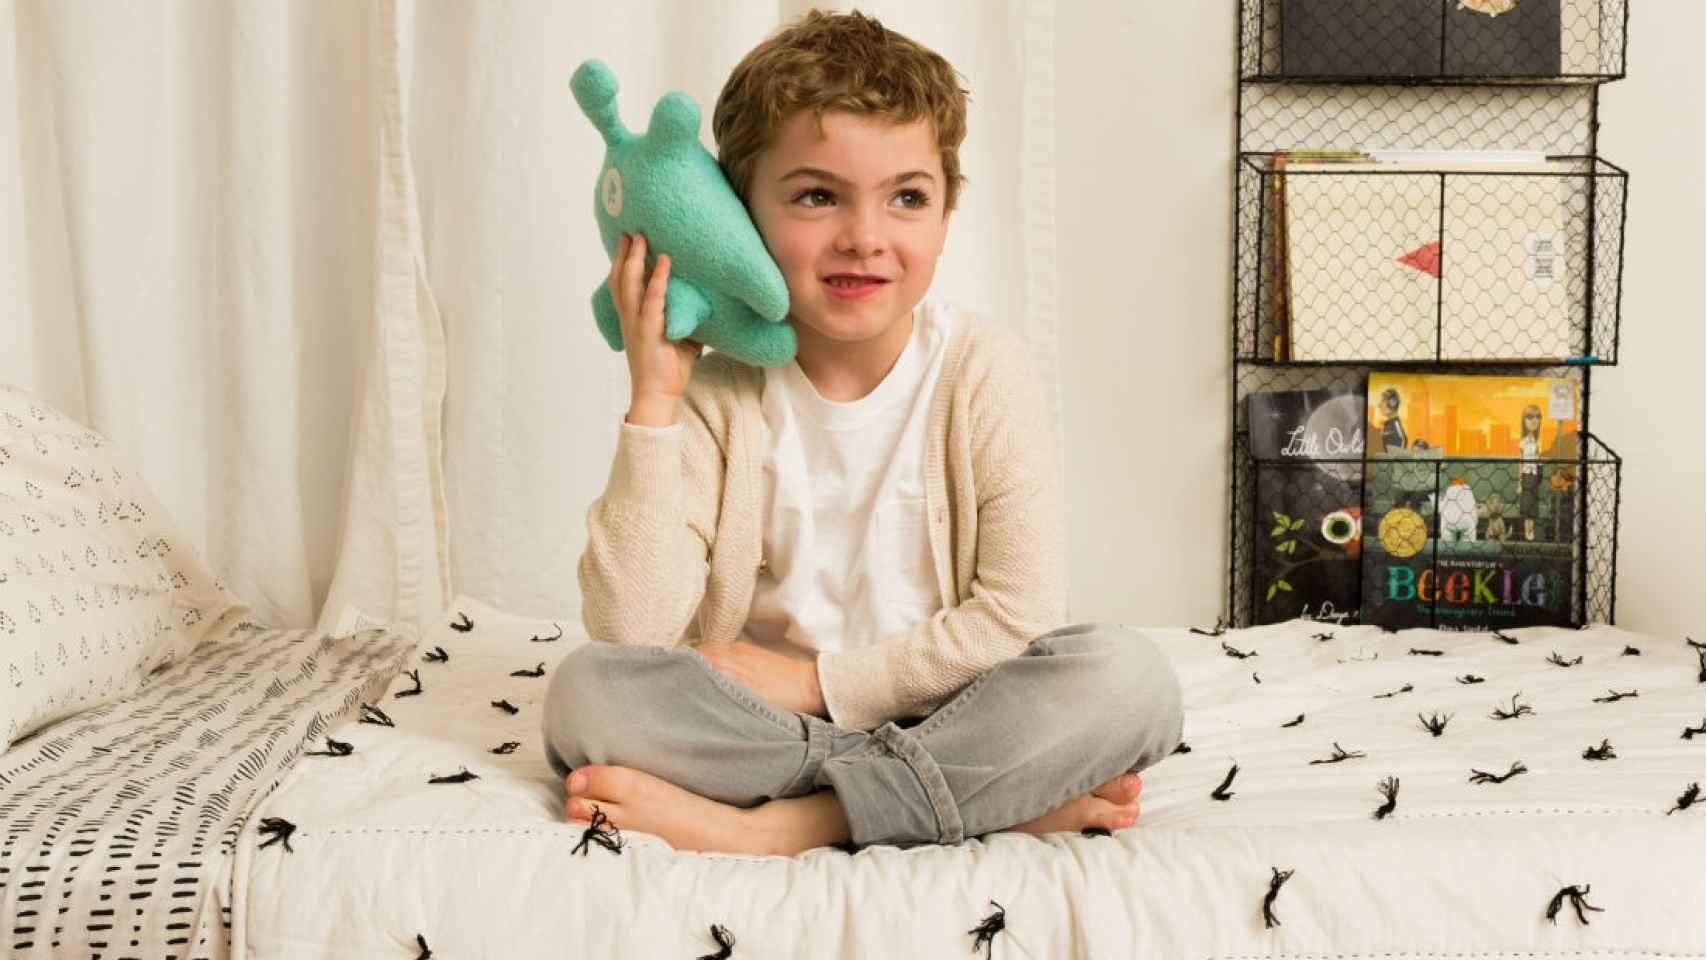 Un niño jugando con uno de los muñecos. /